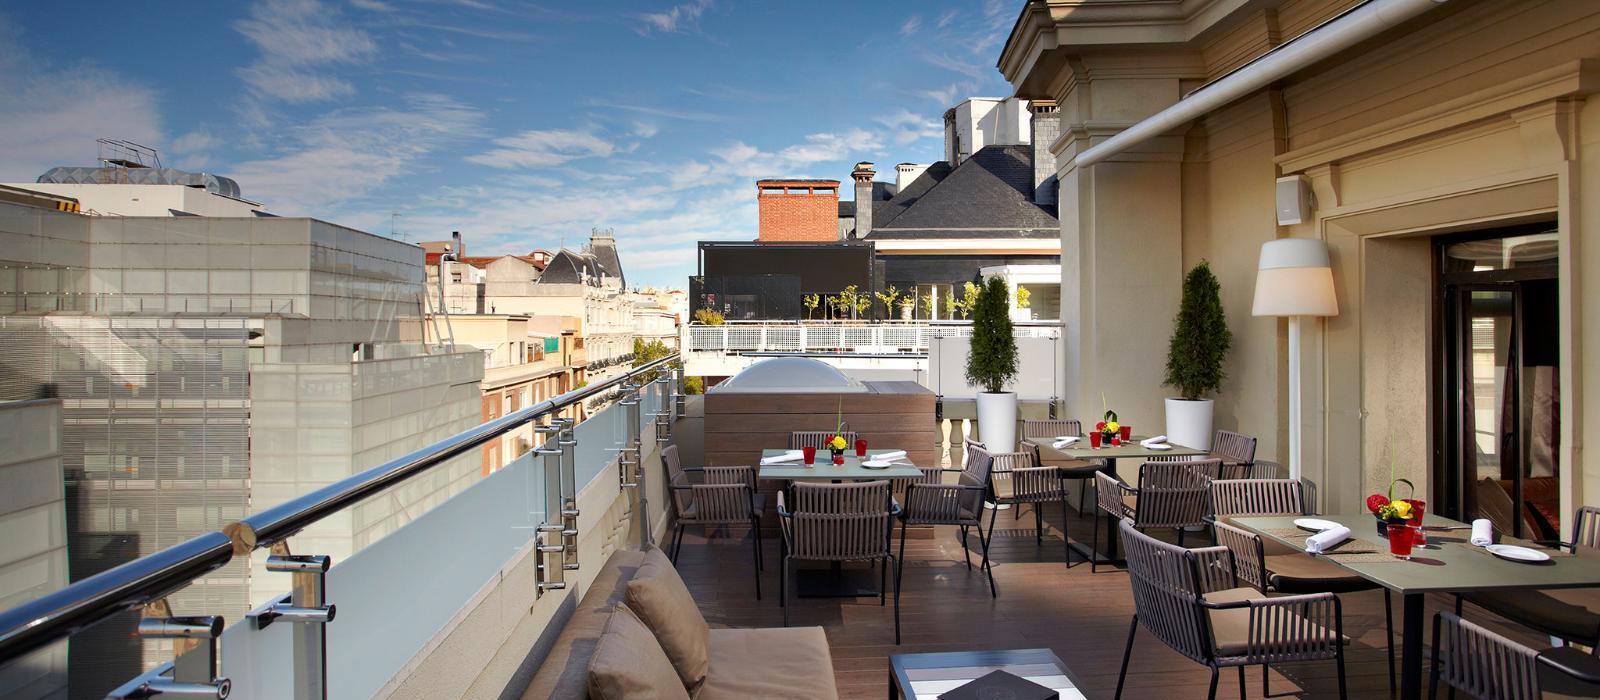 美利亚菲尼克斯大酒店(Hotel Fenix, a Gran Melia Hotel) 酒廊图片  www.lhw.cn